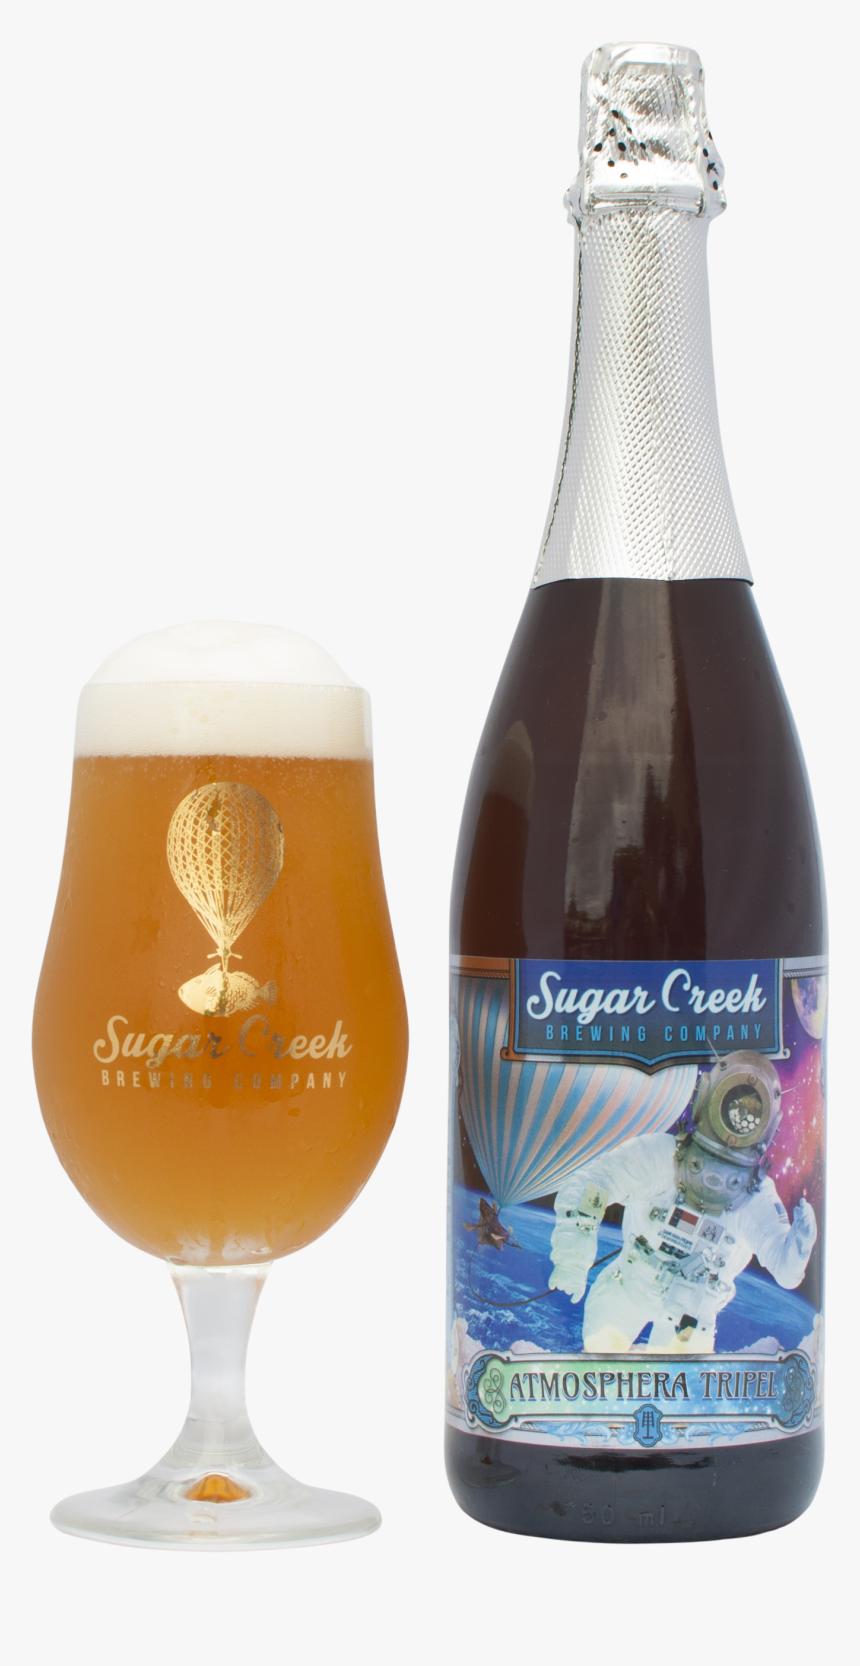 Transparent Beer Bottle Clipart Png - Beer Bottle, Png Download, Free Download